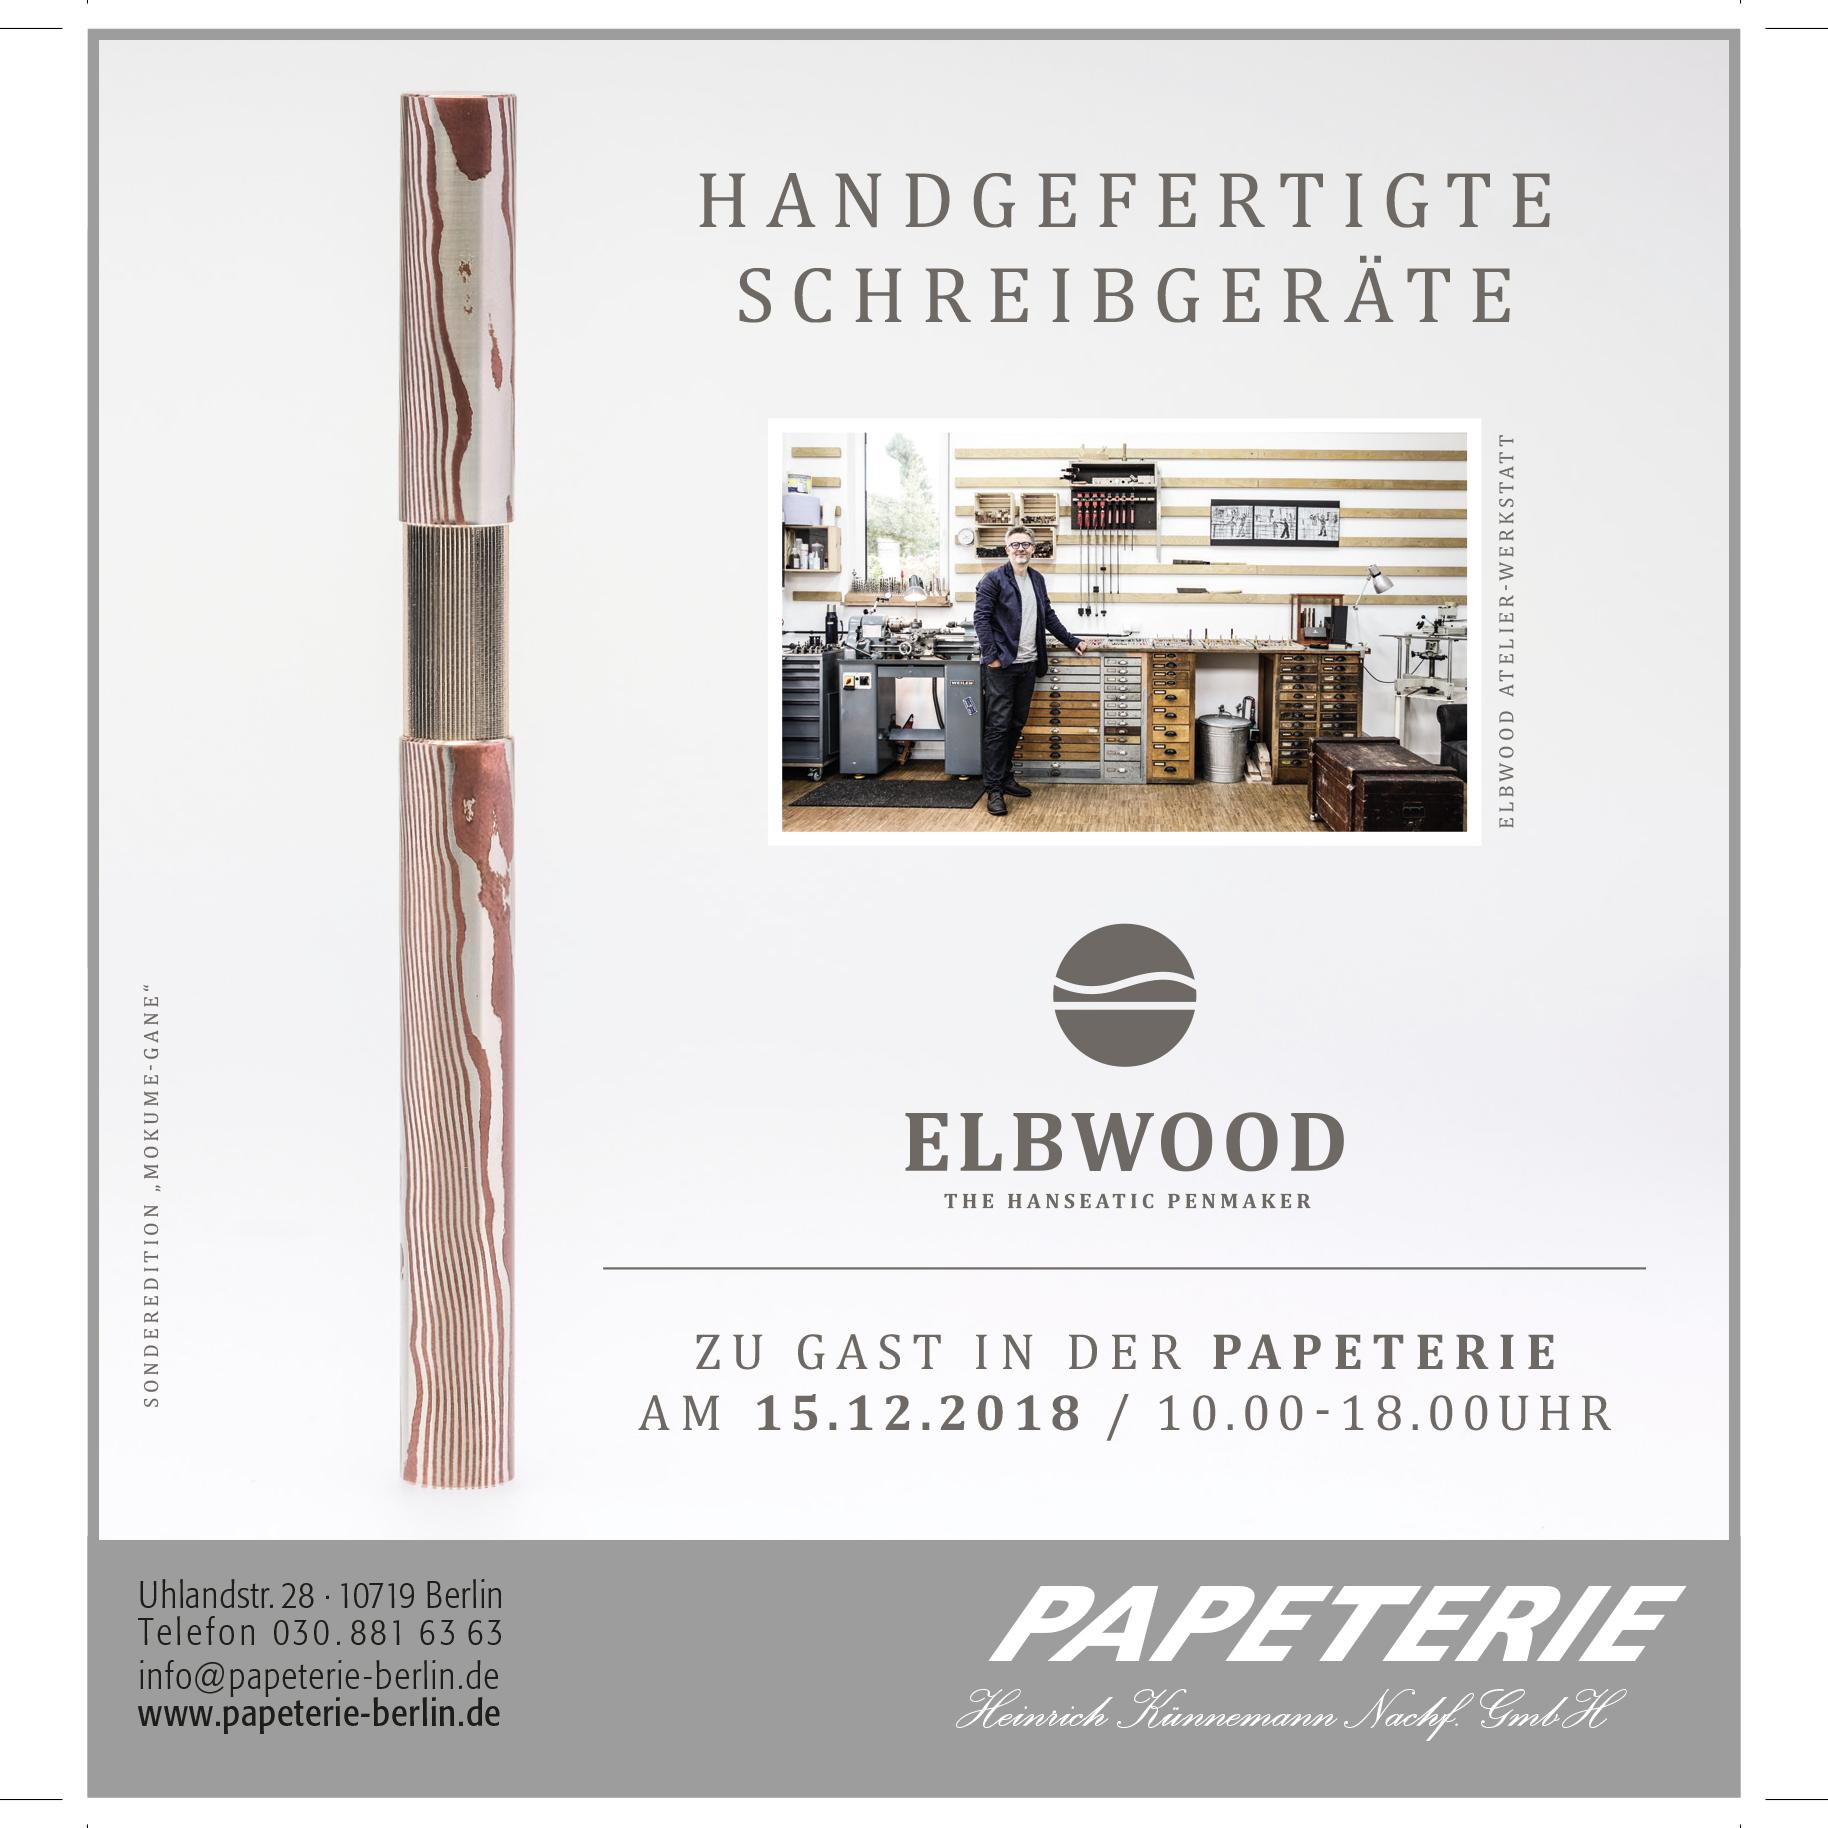 EW_Tagesspiegel_Instagram.jpg